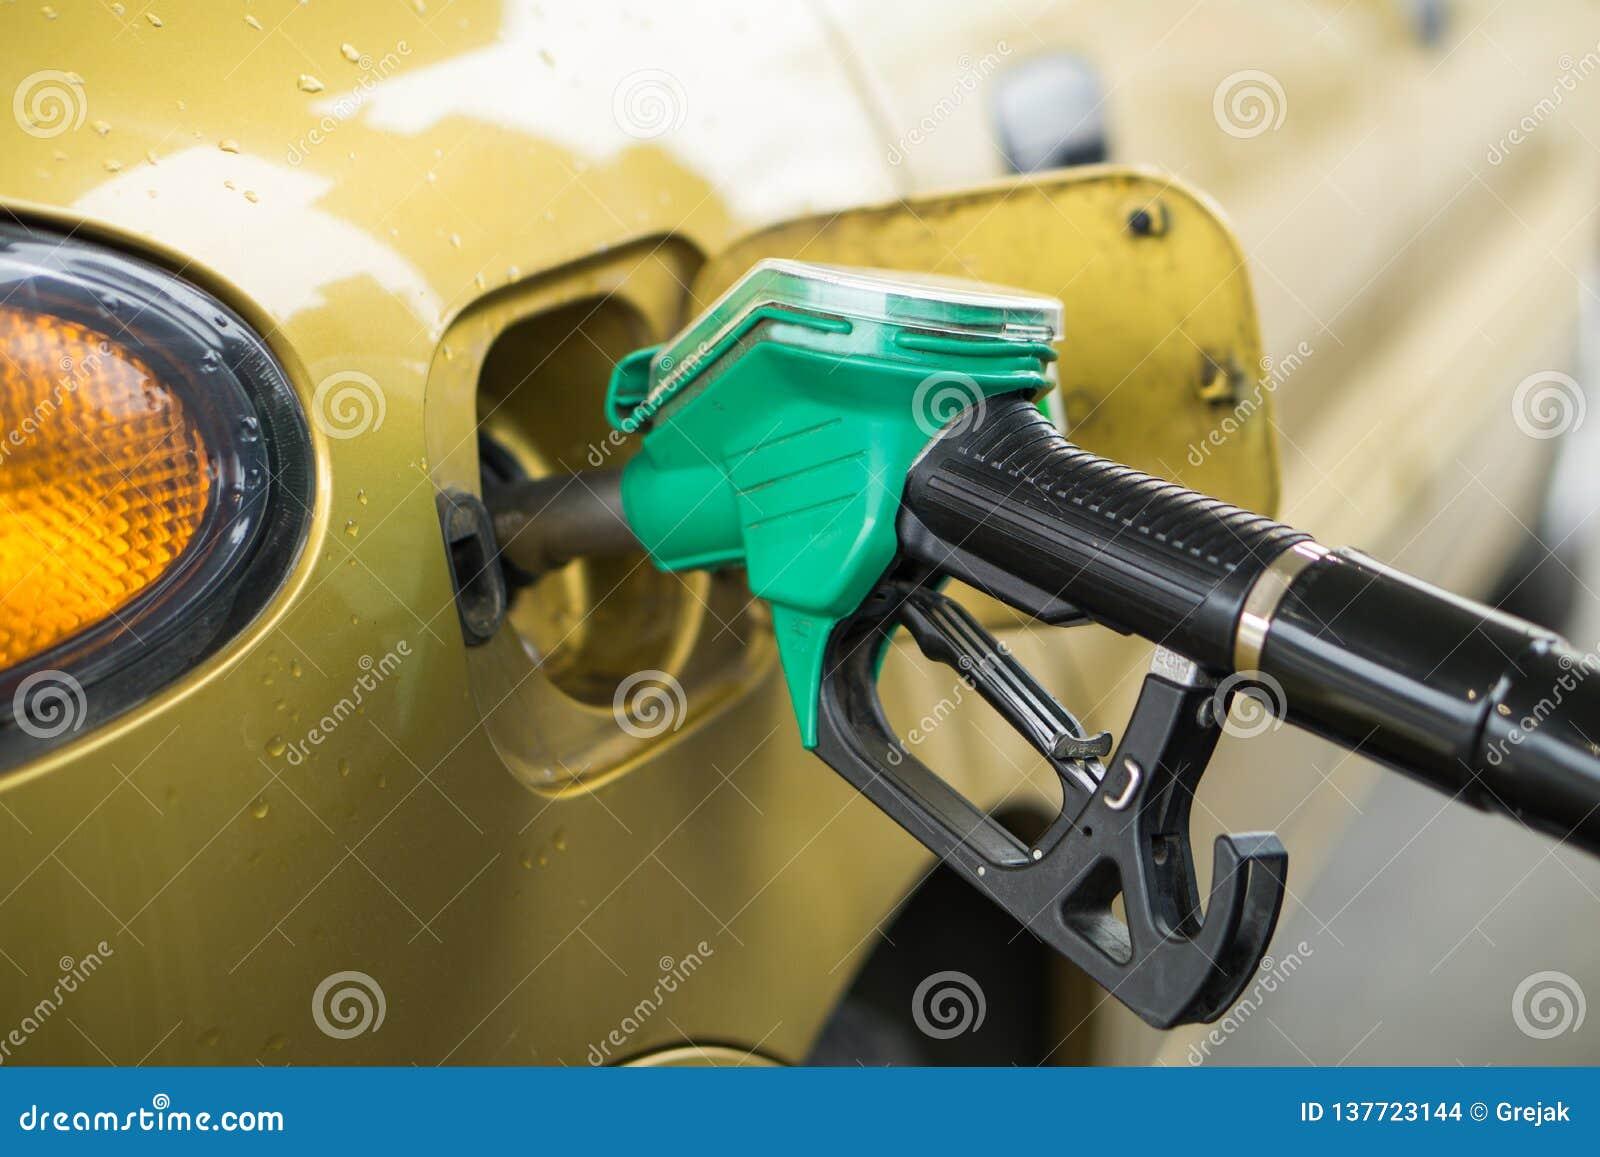 Amarelo, carro do ouro em um posto de gasolina que está sendo enchido com o combustível